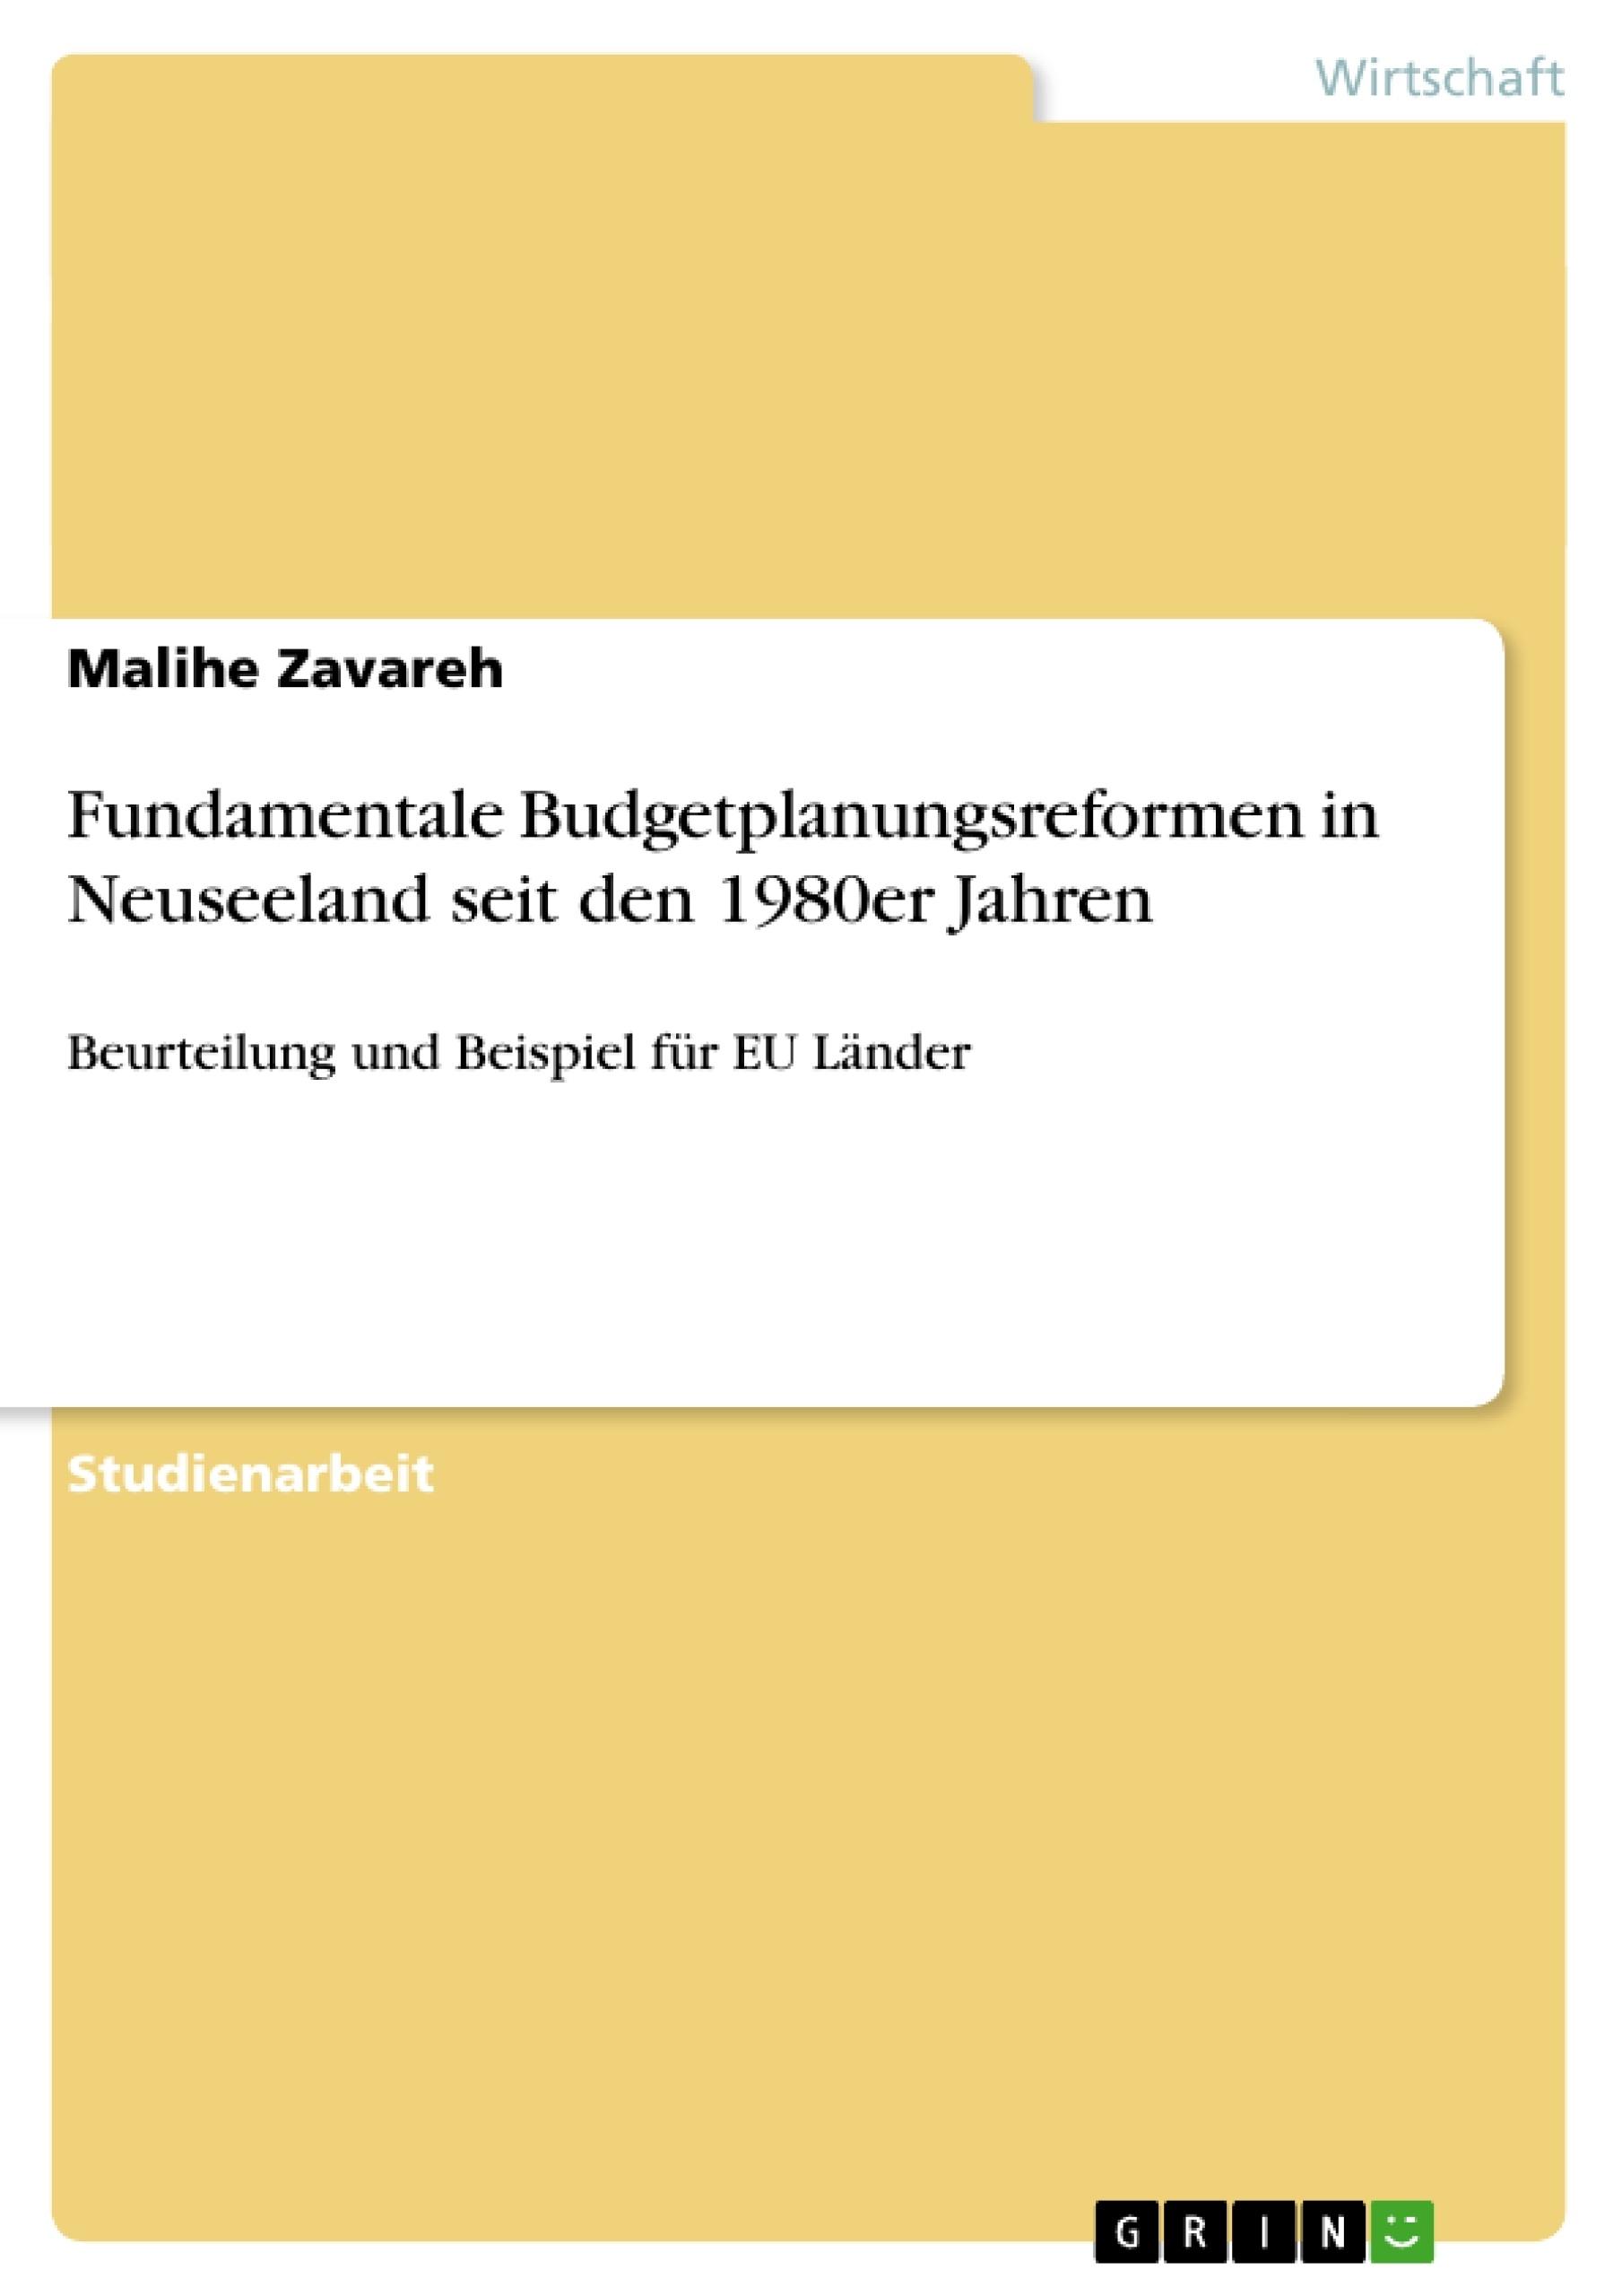 Titel: Fundamentale Budgetplanungsreformen in Neuseeland seit den 1980er Jahren